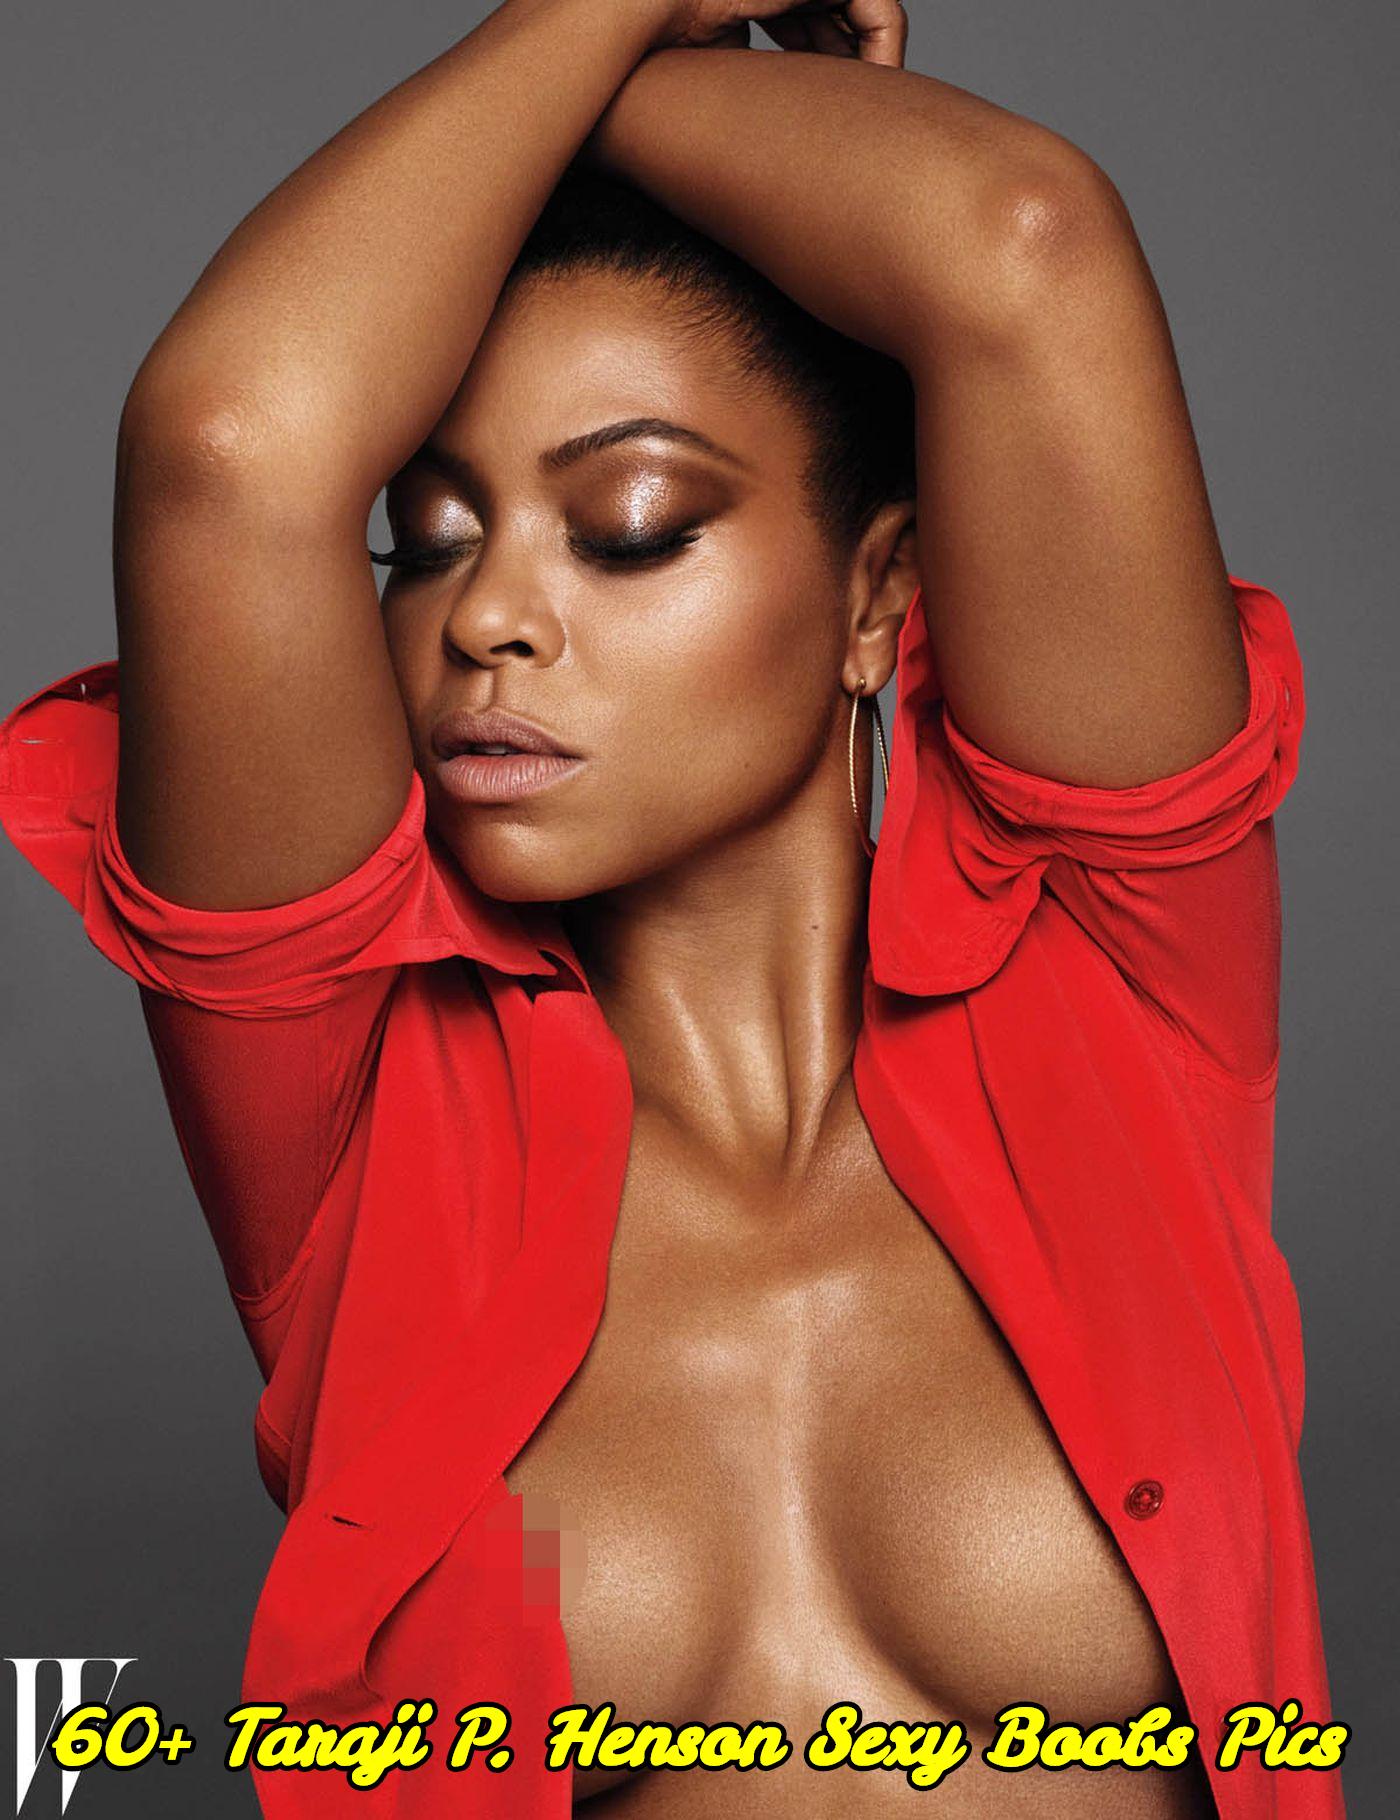 Taraji P. Henson sexy boobs pics